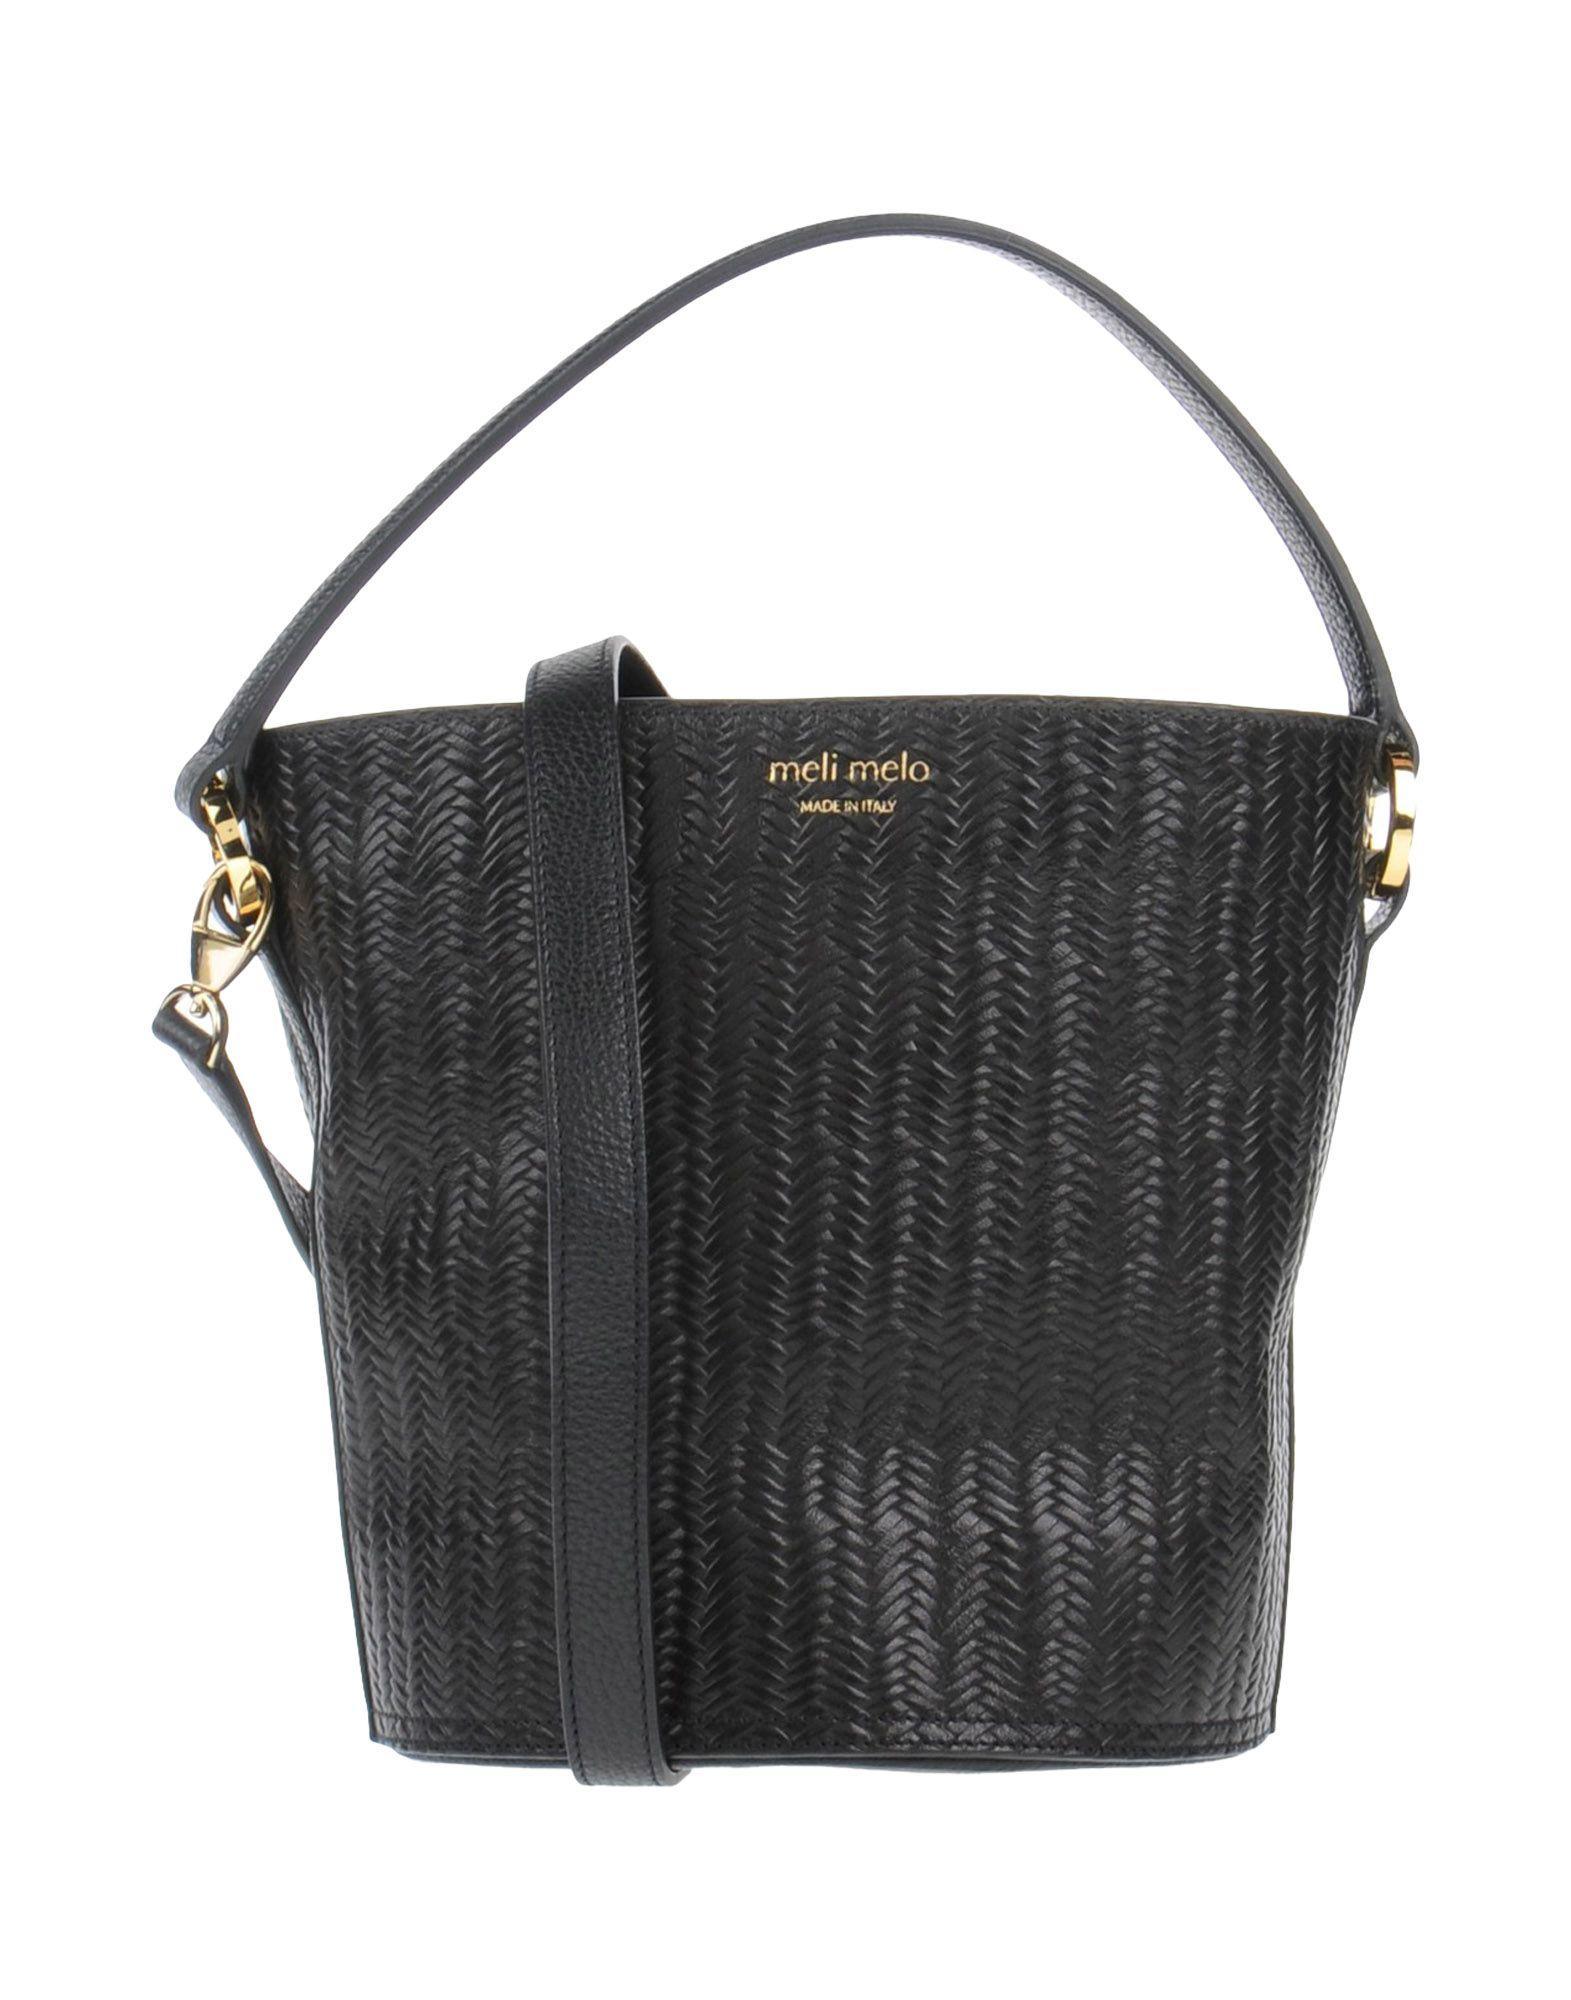 meli melo handbag in black lyst. Black Bedroom Furniture Sets. Home Design Ideas